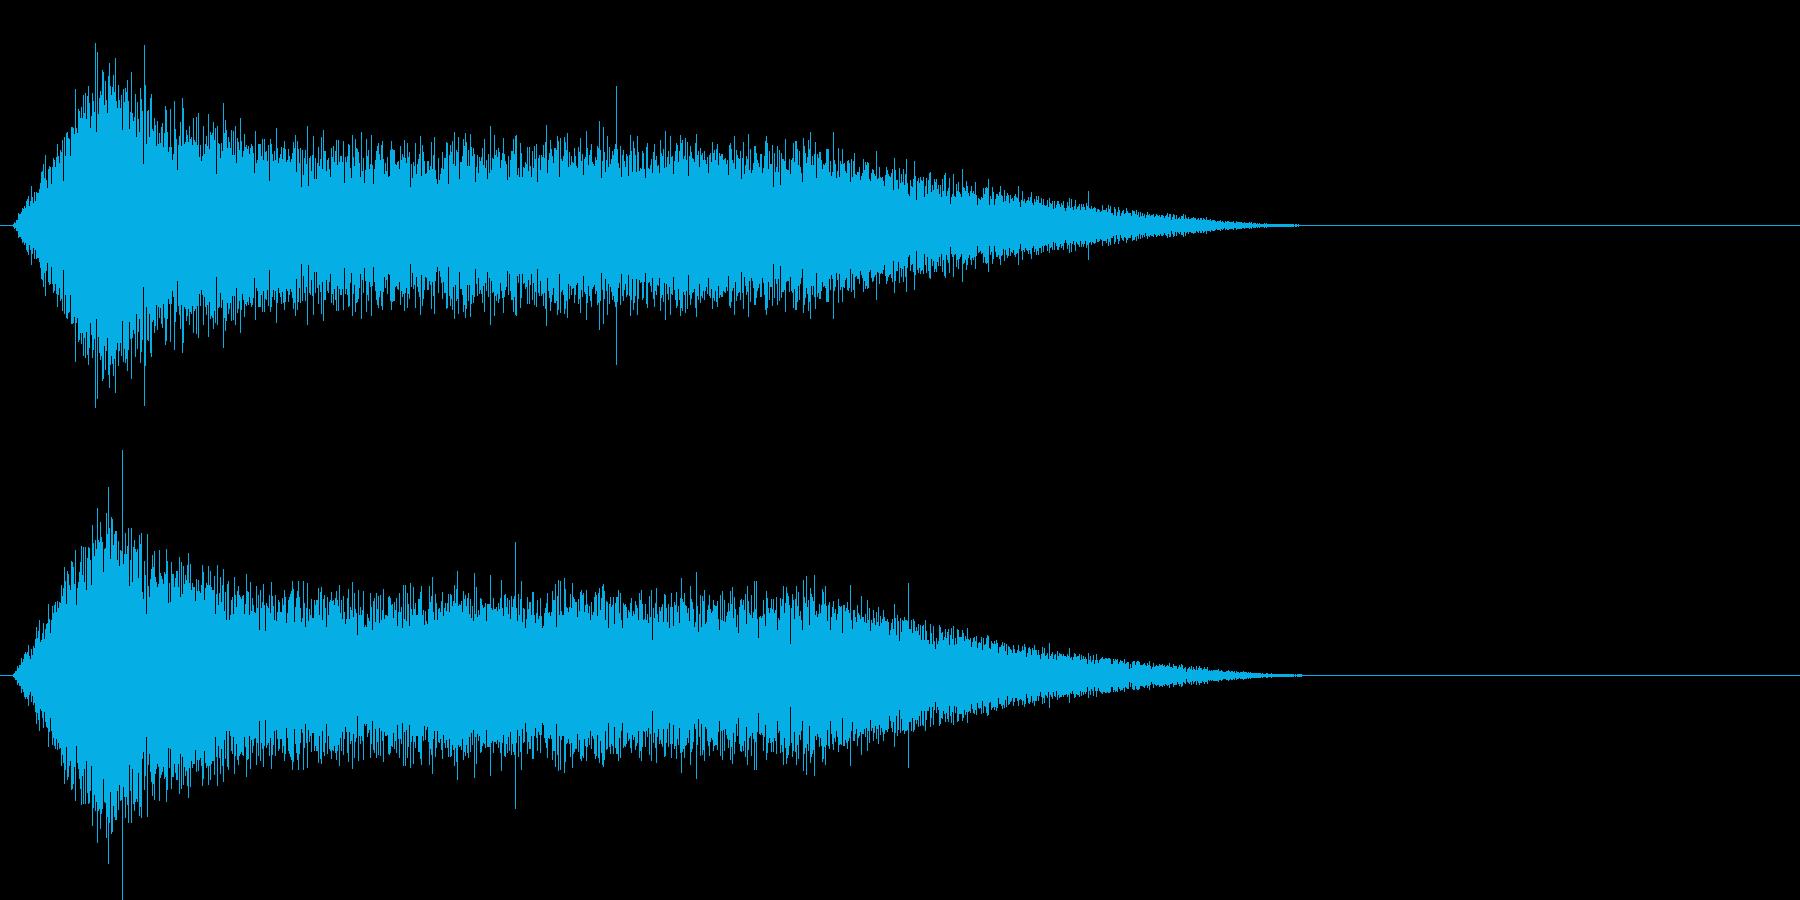 ザザザザー (水の魔法)の再生済みの波形